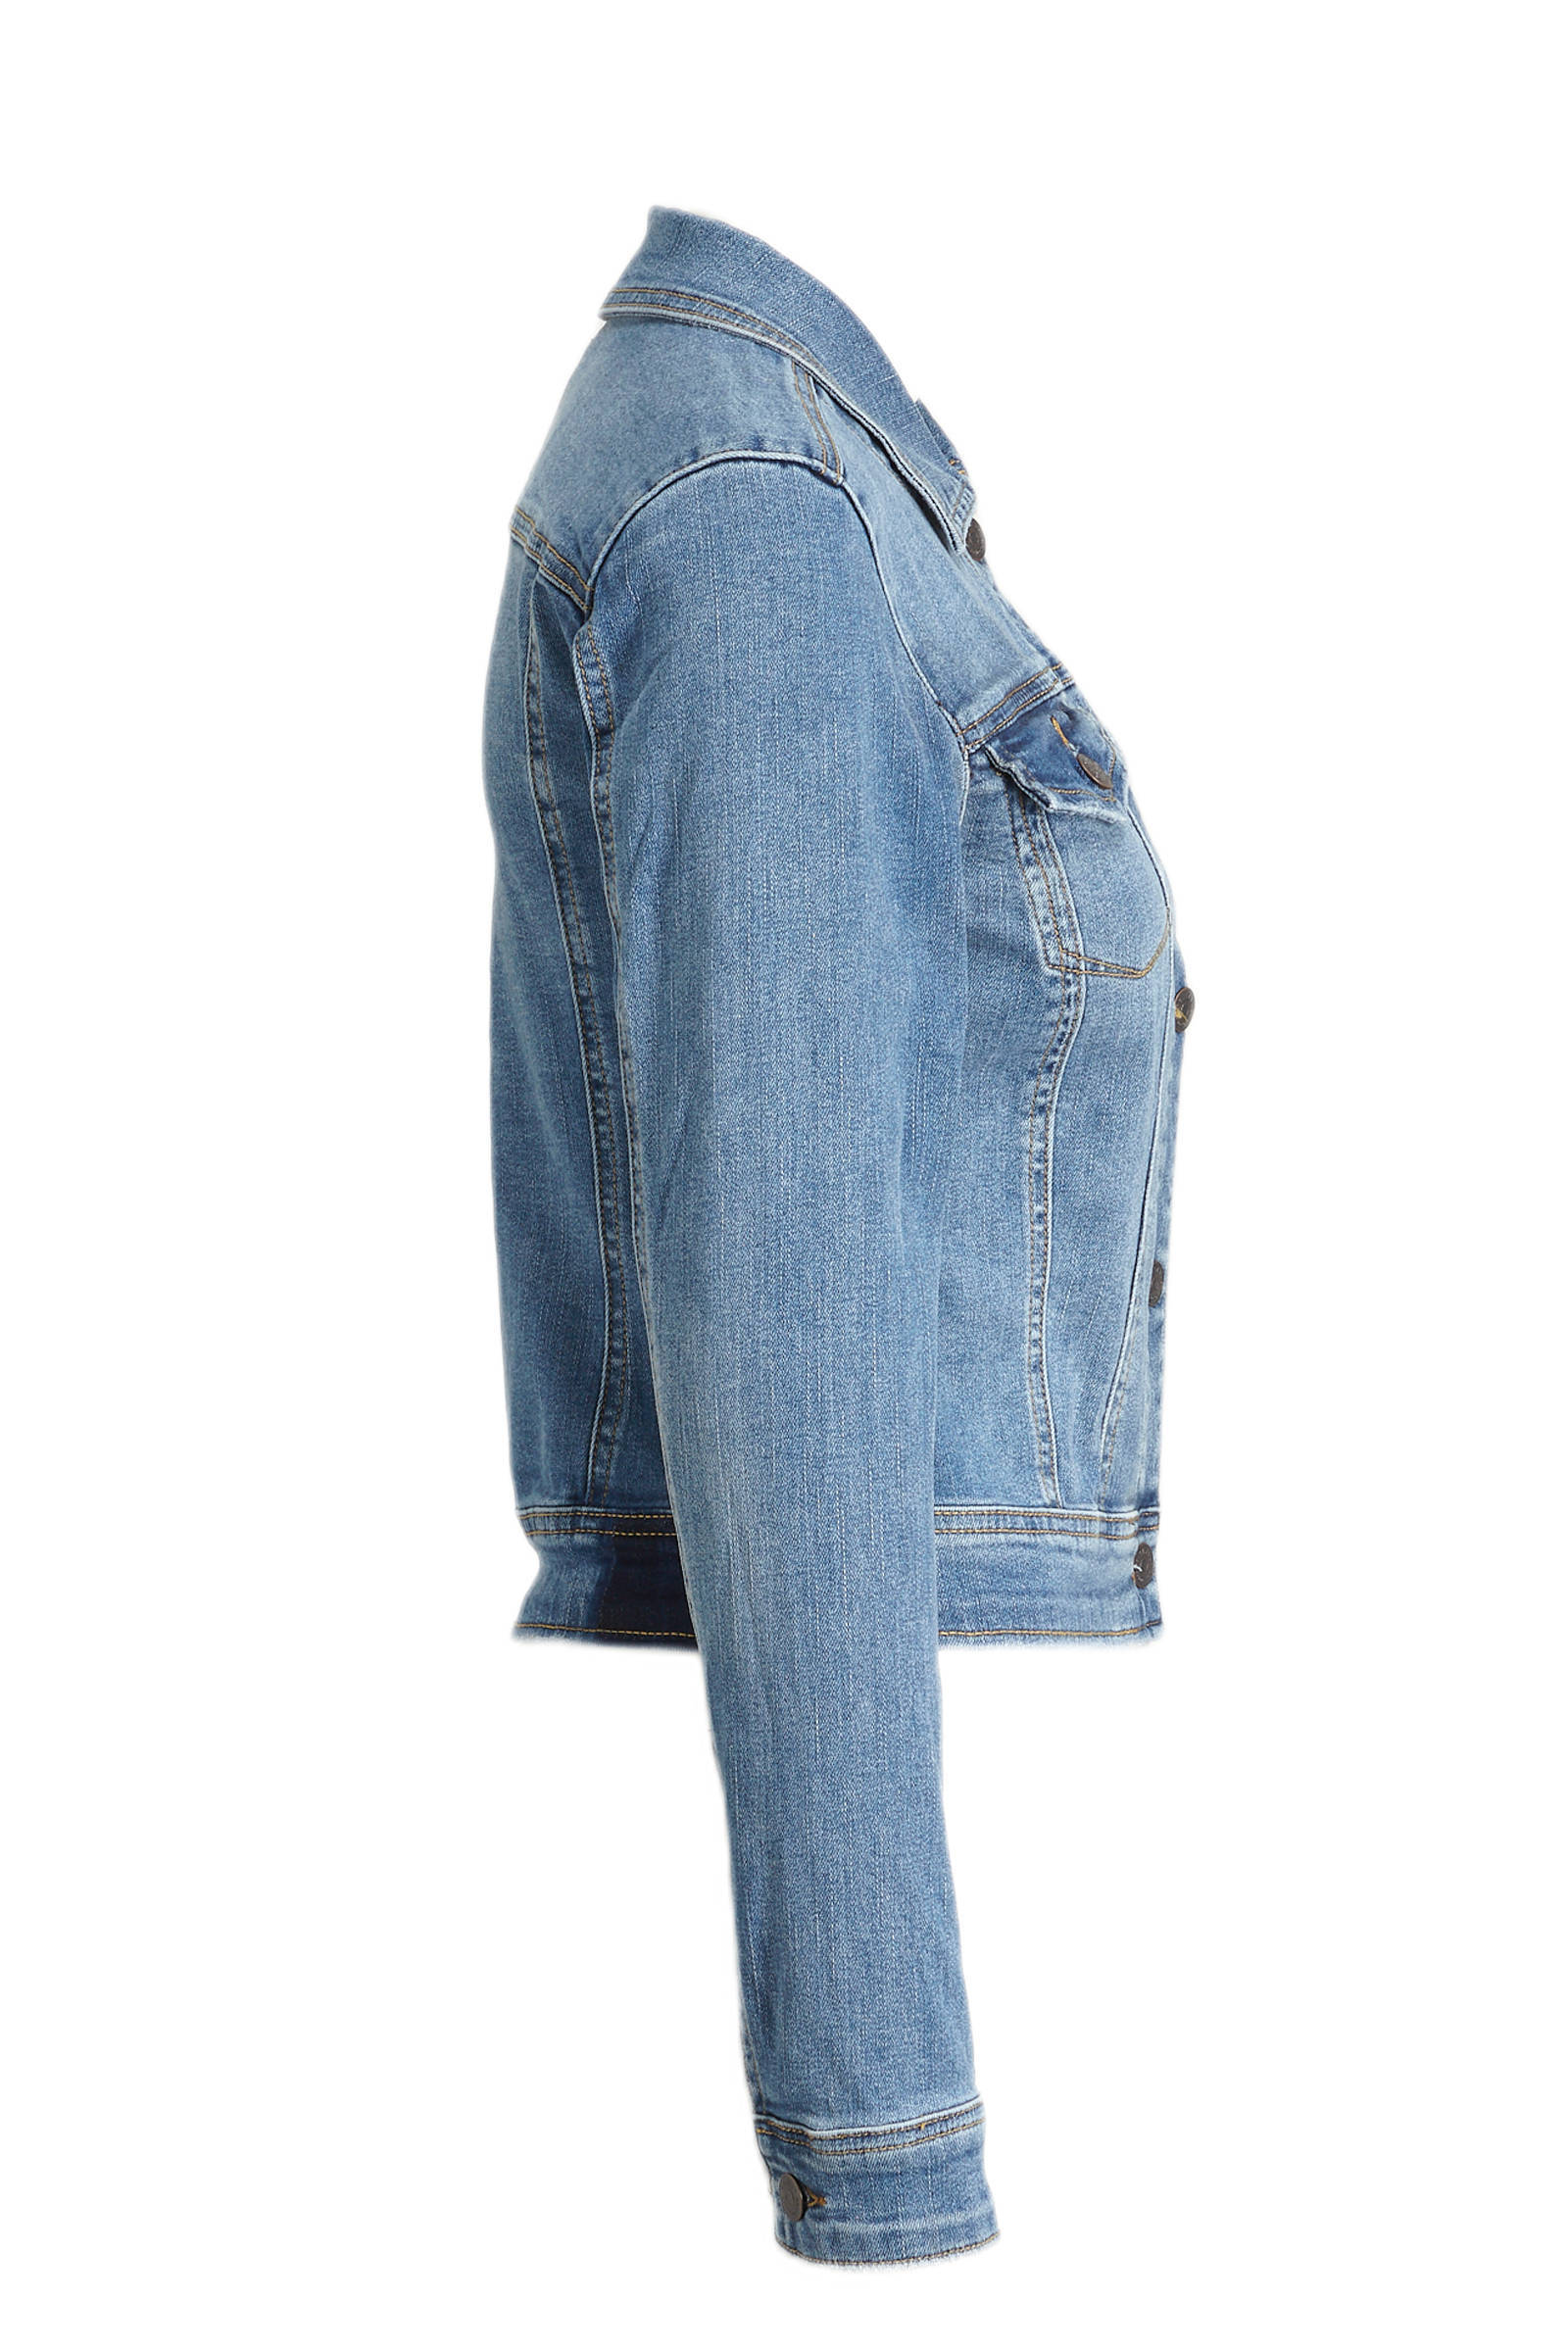 OBJECT spijkerjasje | wehkamp